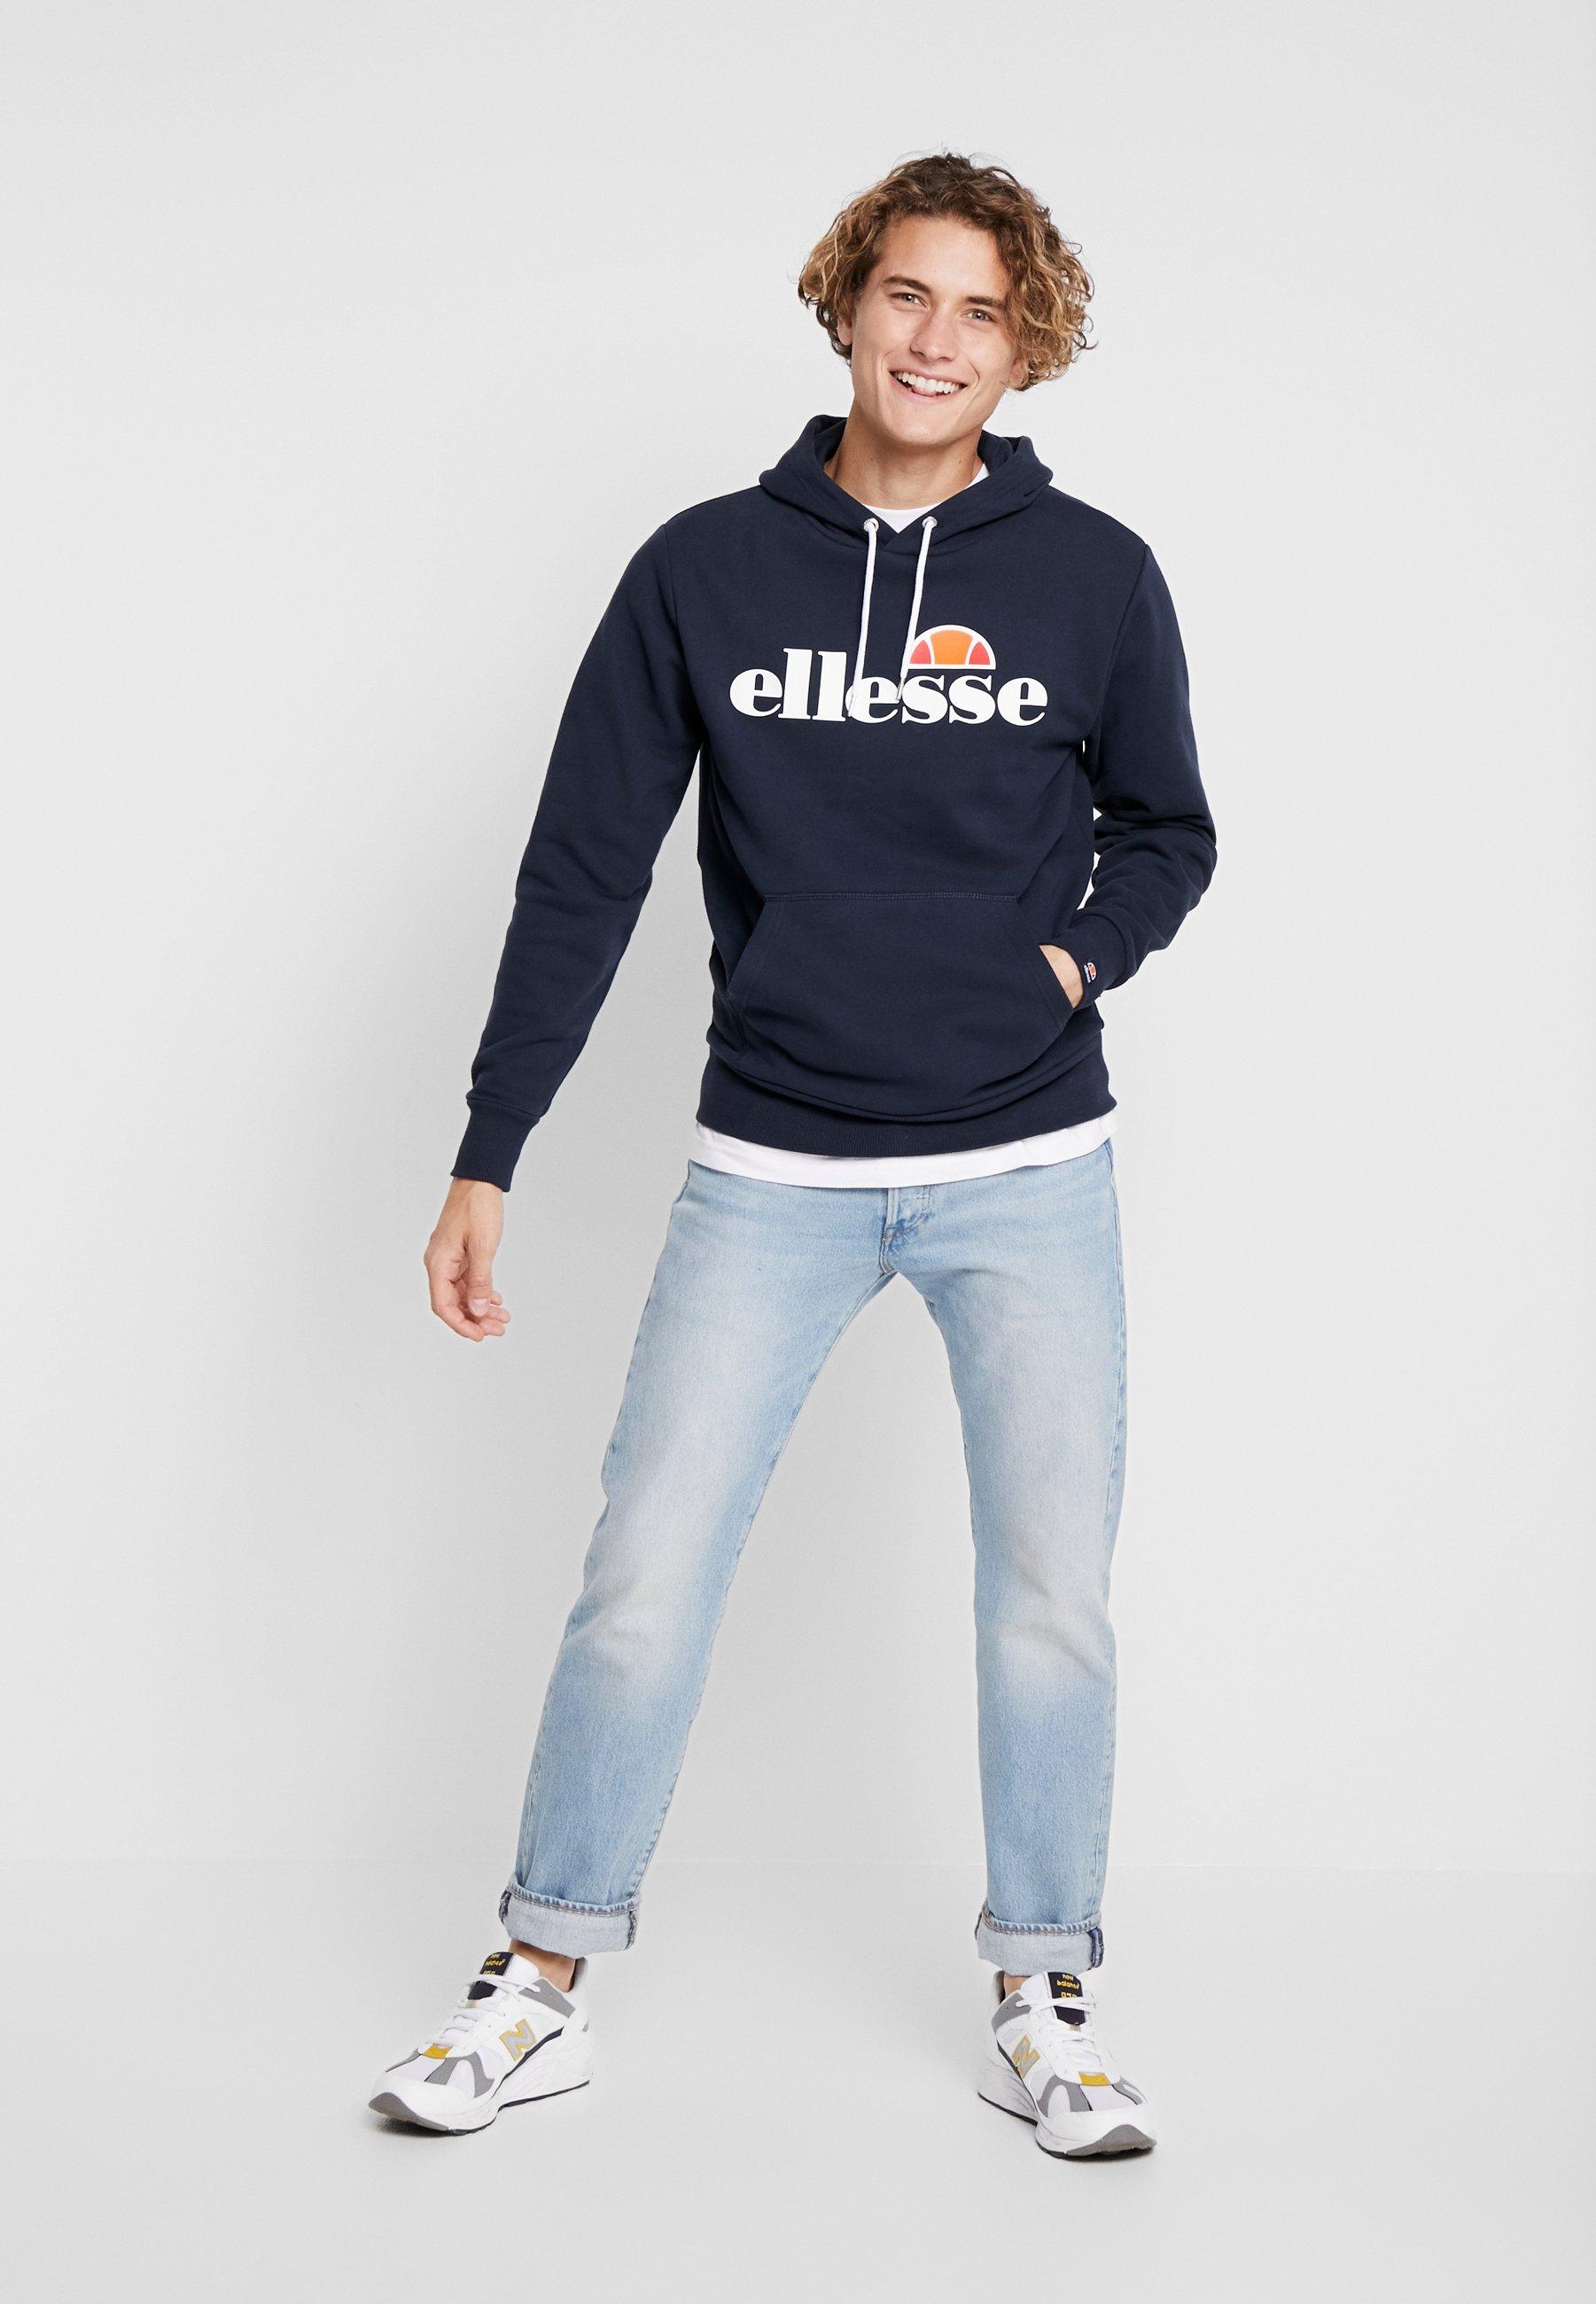 Ellesse Gottero - Hoodie Navy/mørkeblå